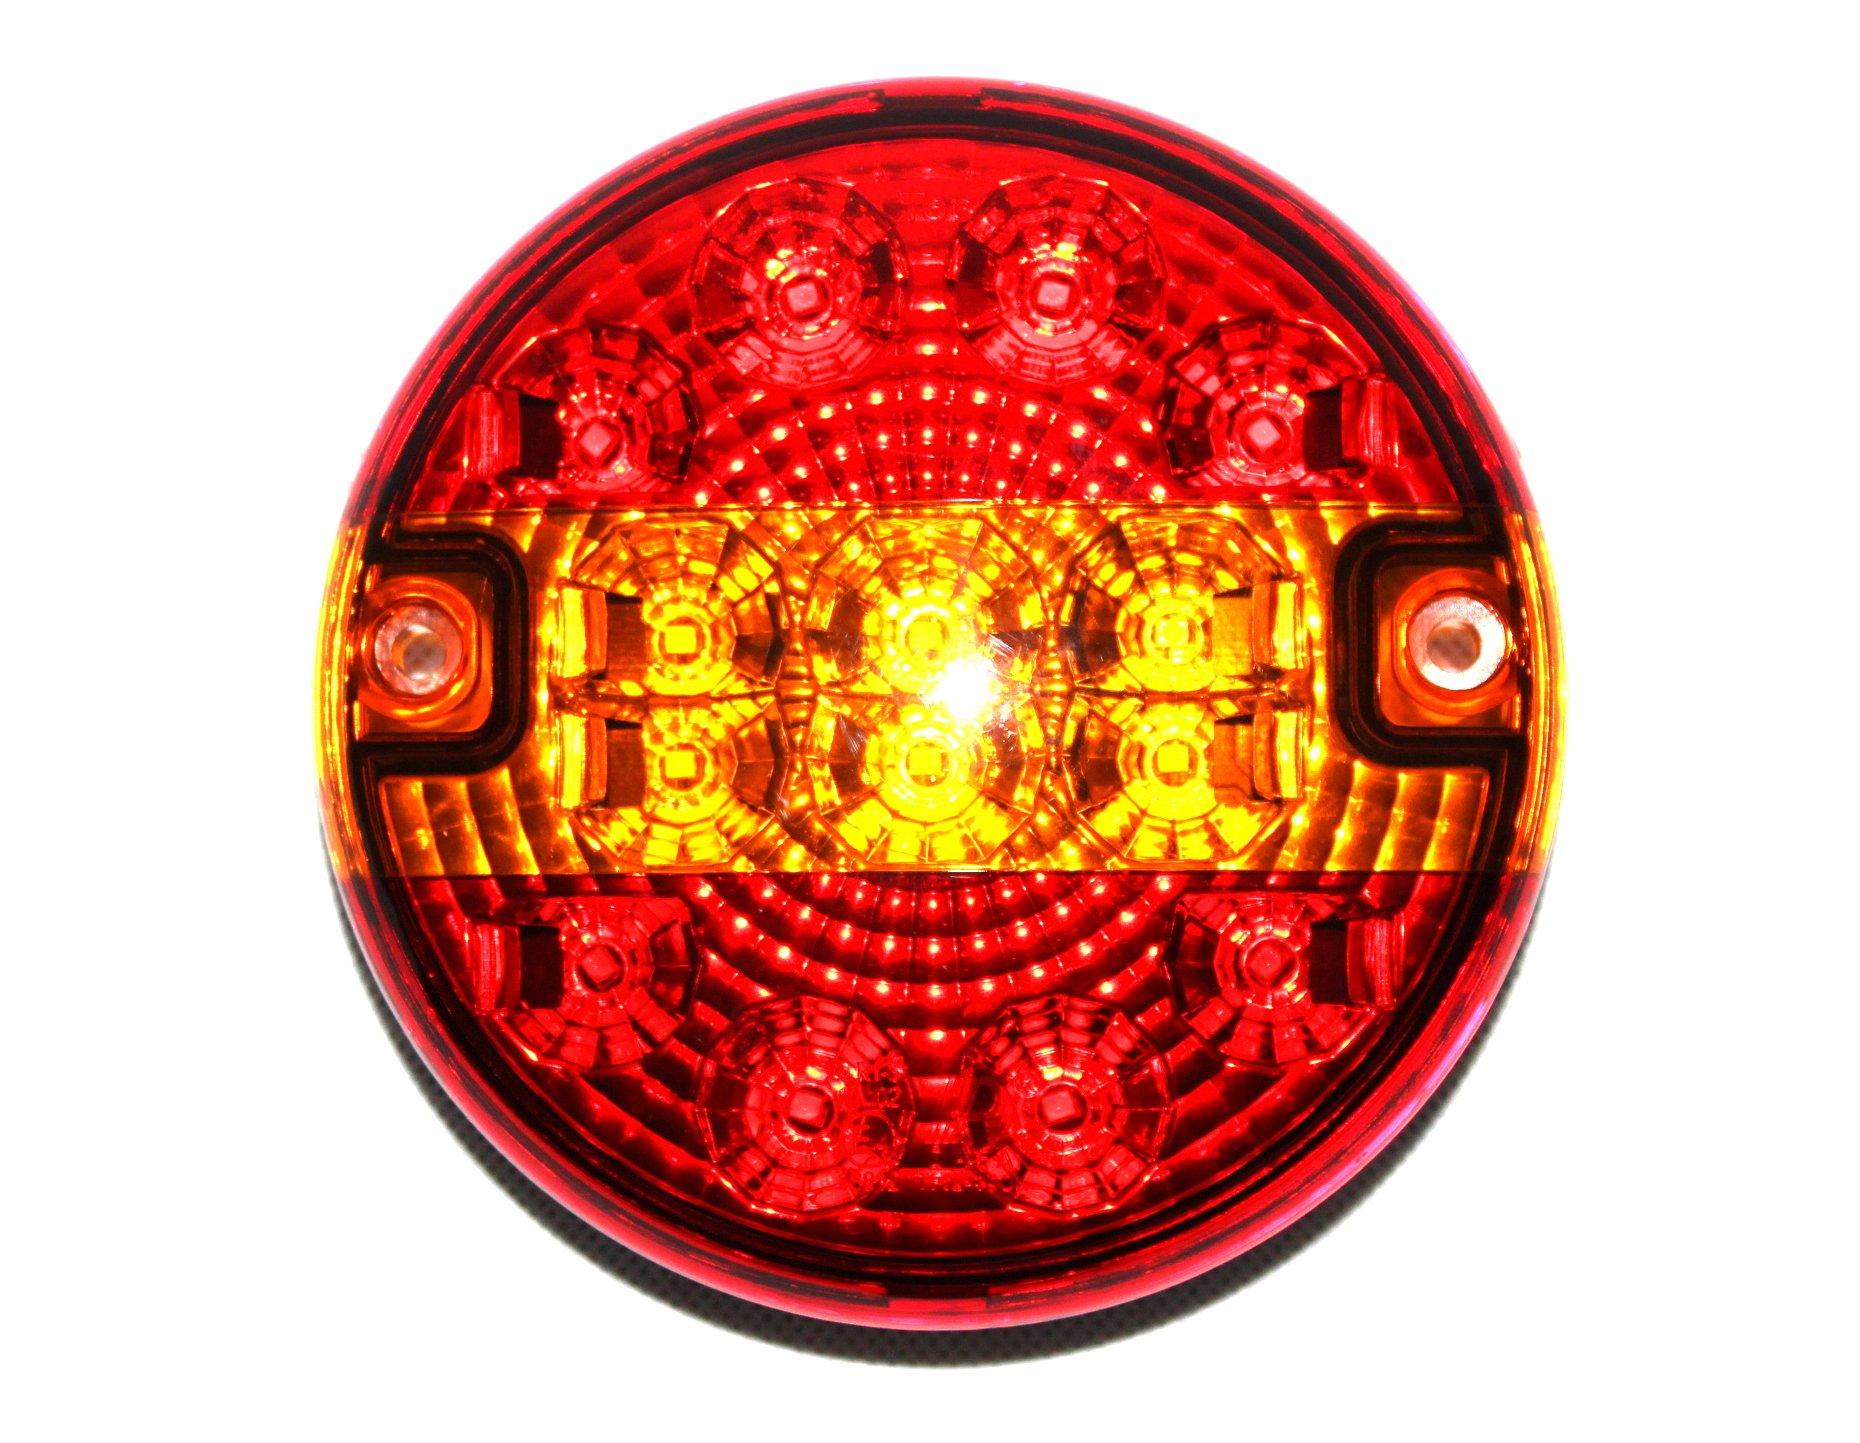 LAMPA TYLNA ZESPOLONA LED HAMBURGER 12V24 CE HOMOL